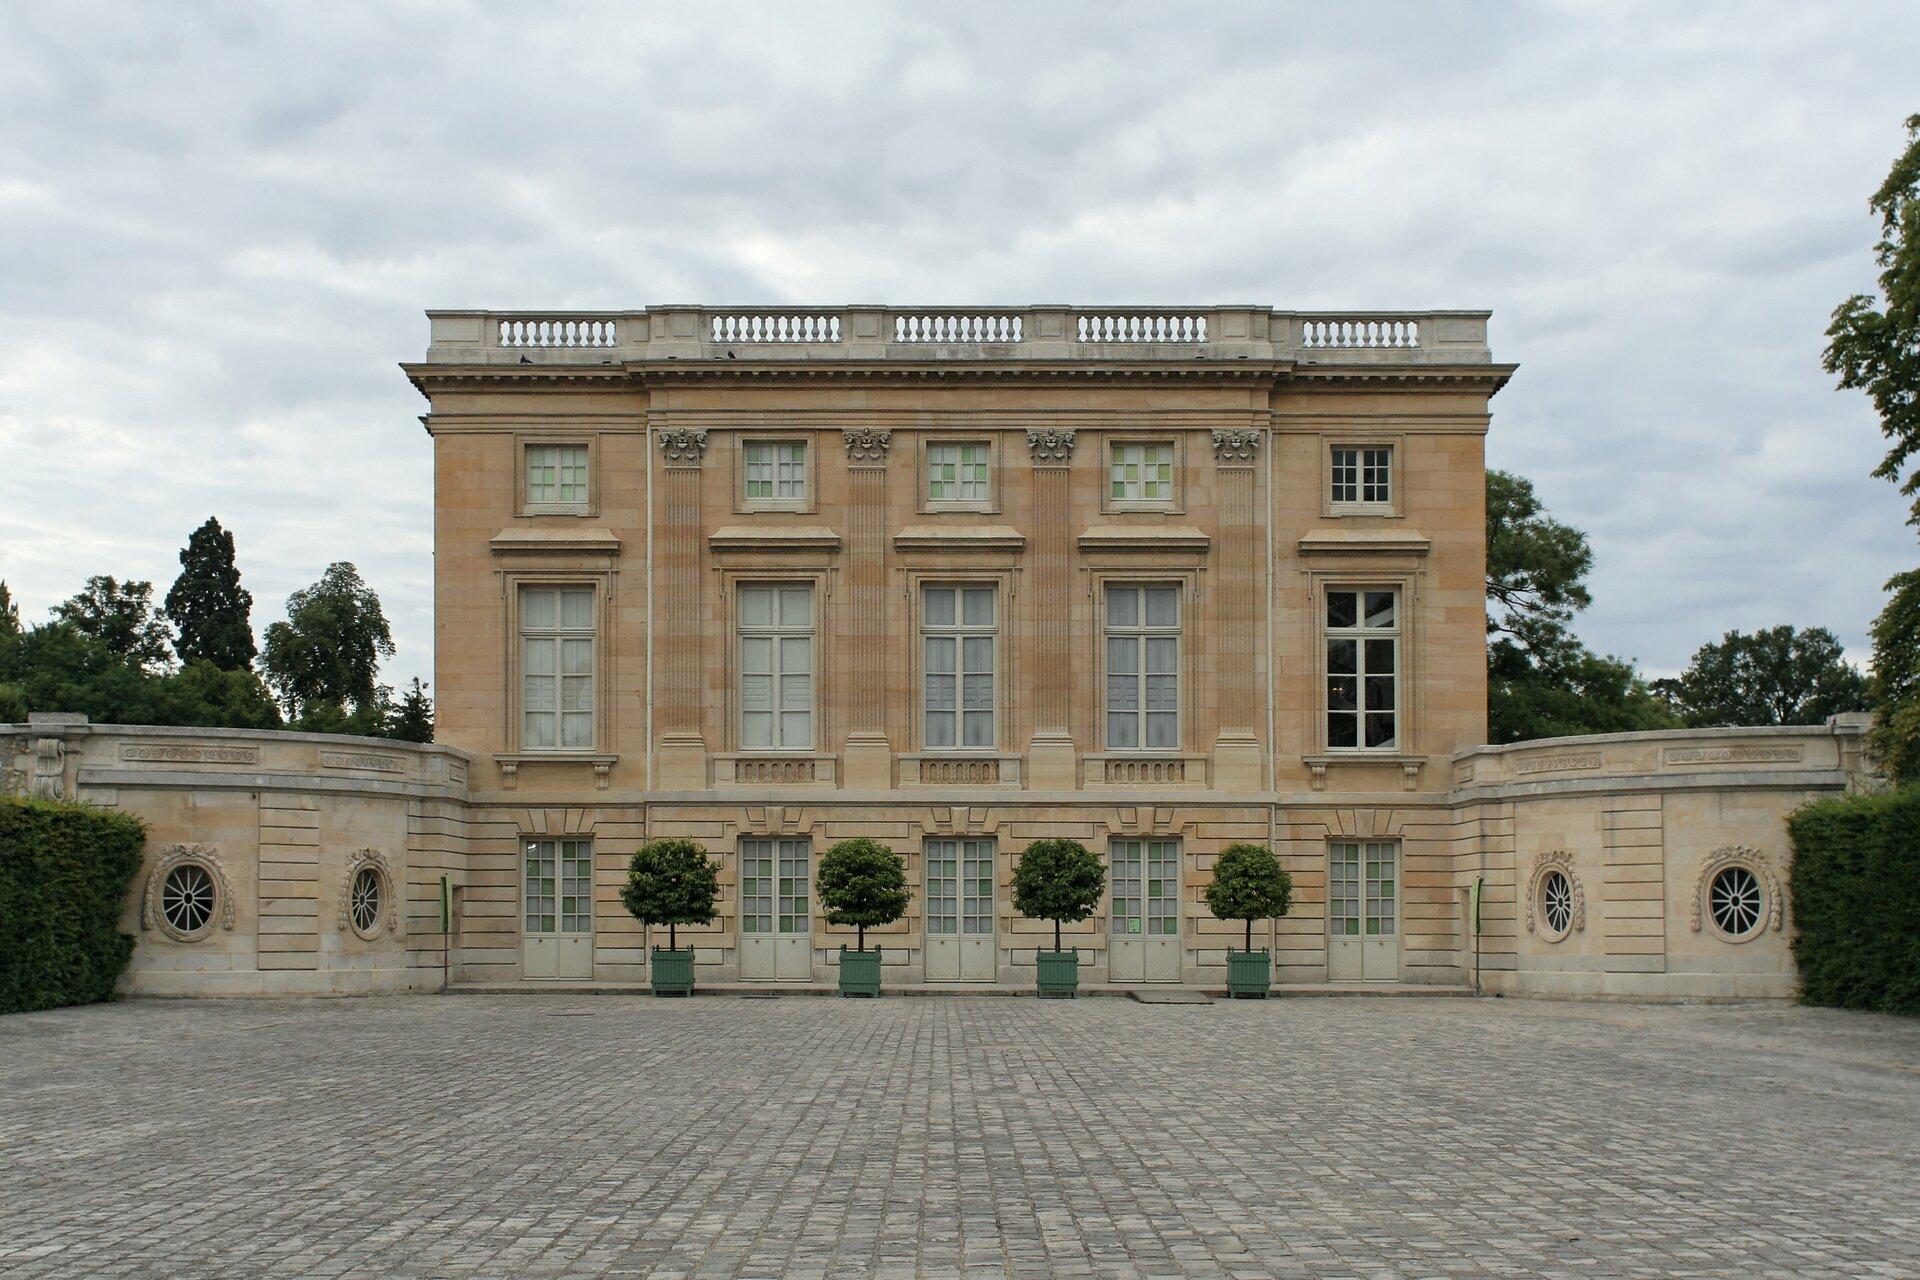 Petit Trianon Petit Trianon Źródło: Coyau, Wikimedia Commons, licencja: CC BY-SA 3.0.